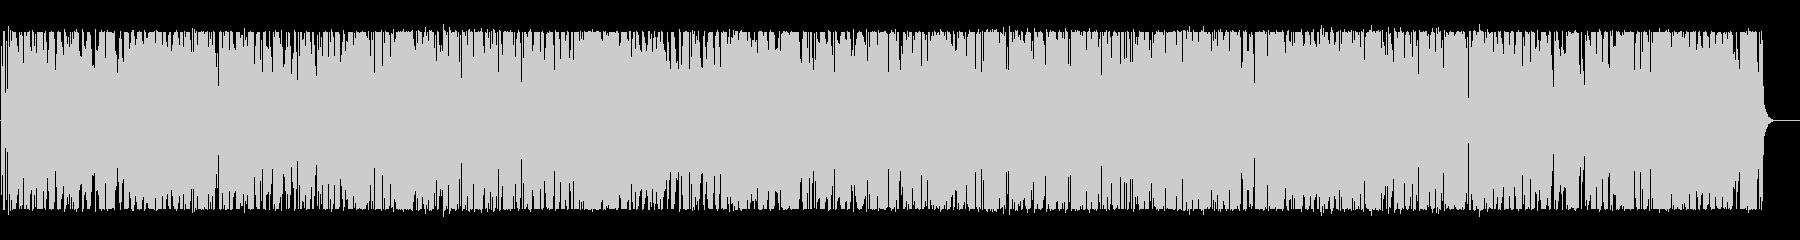 ゆったりした大人のイメージのポップBGMの未再生の波形